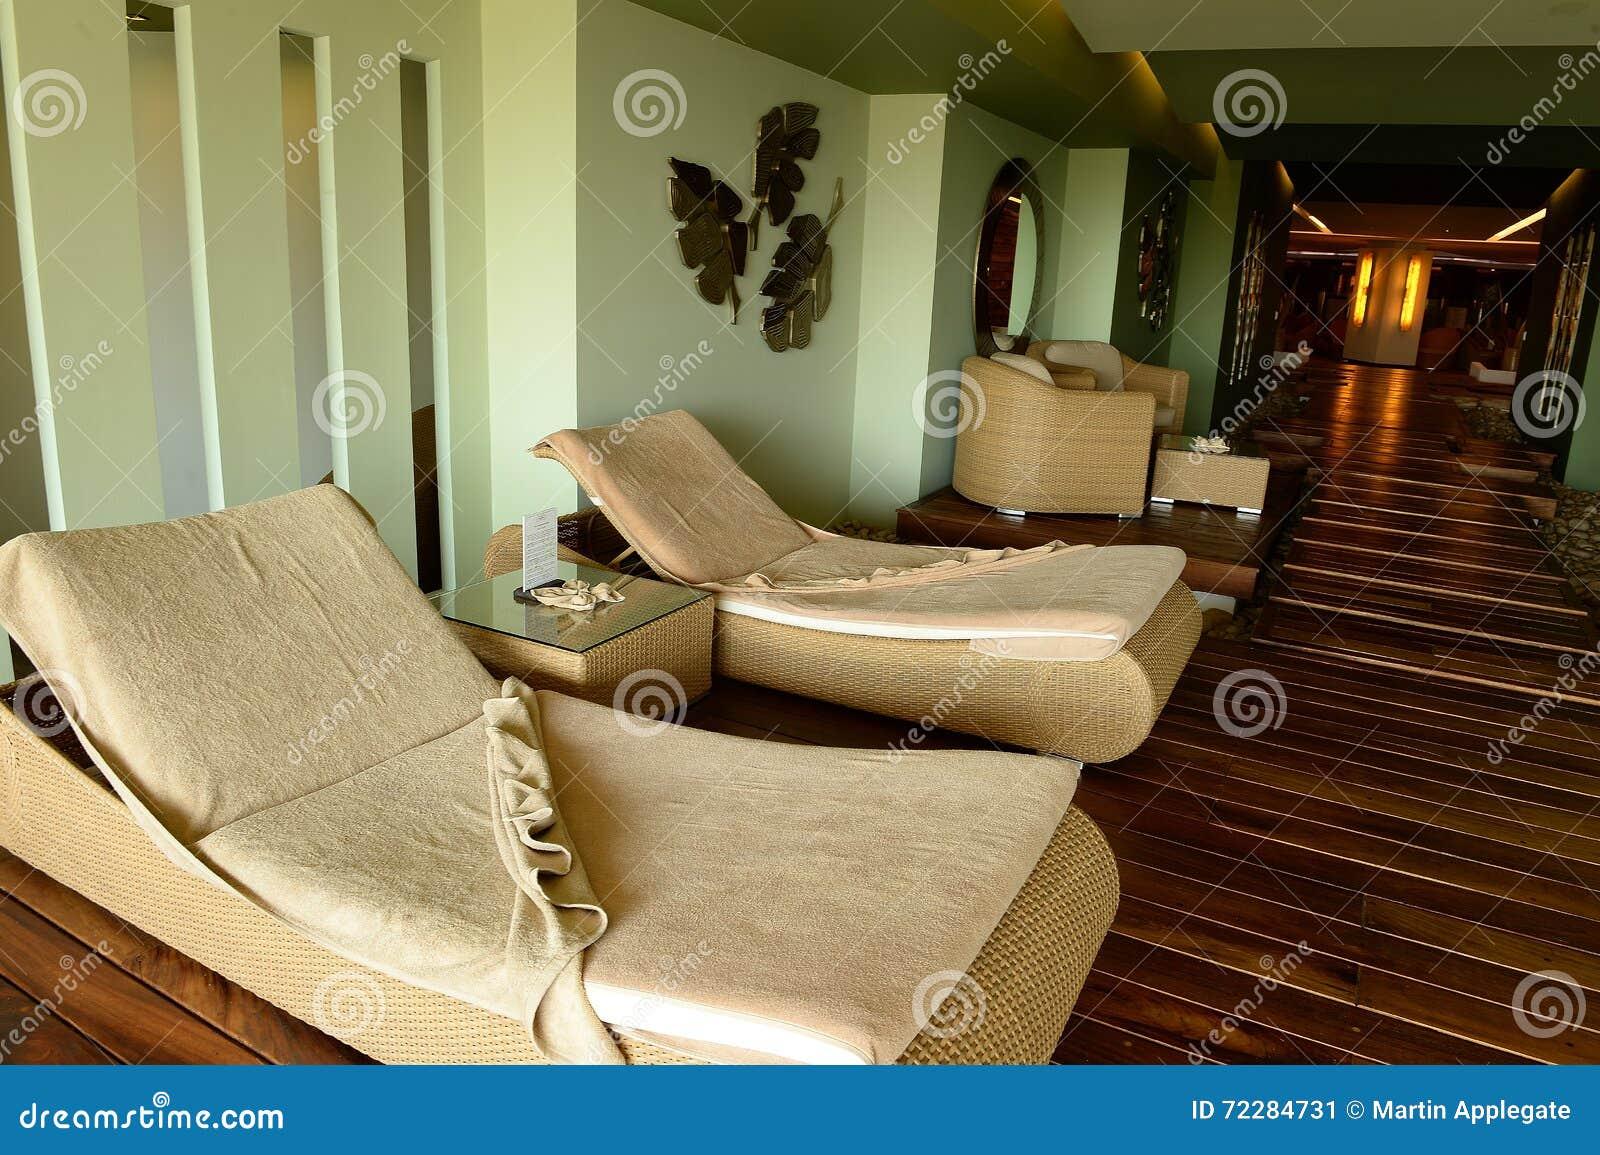 Download Кресла для отдыха фаэтона внутри помещения Стоковое Изображение - изображение насчитывающей бежевое, вакантно: 72284731